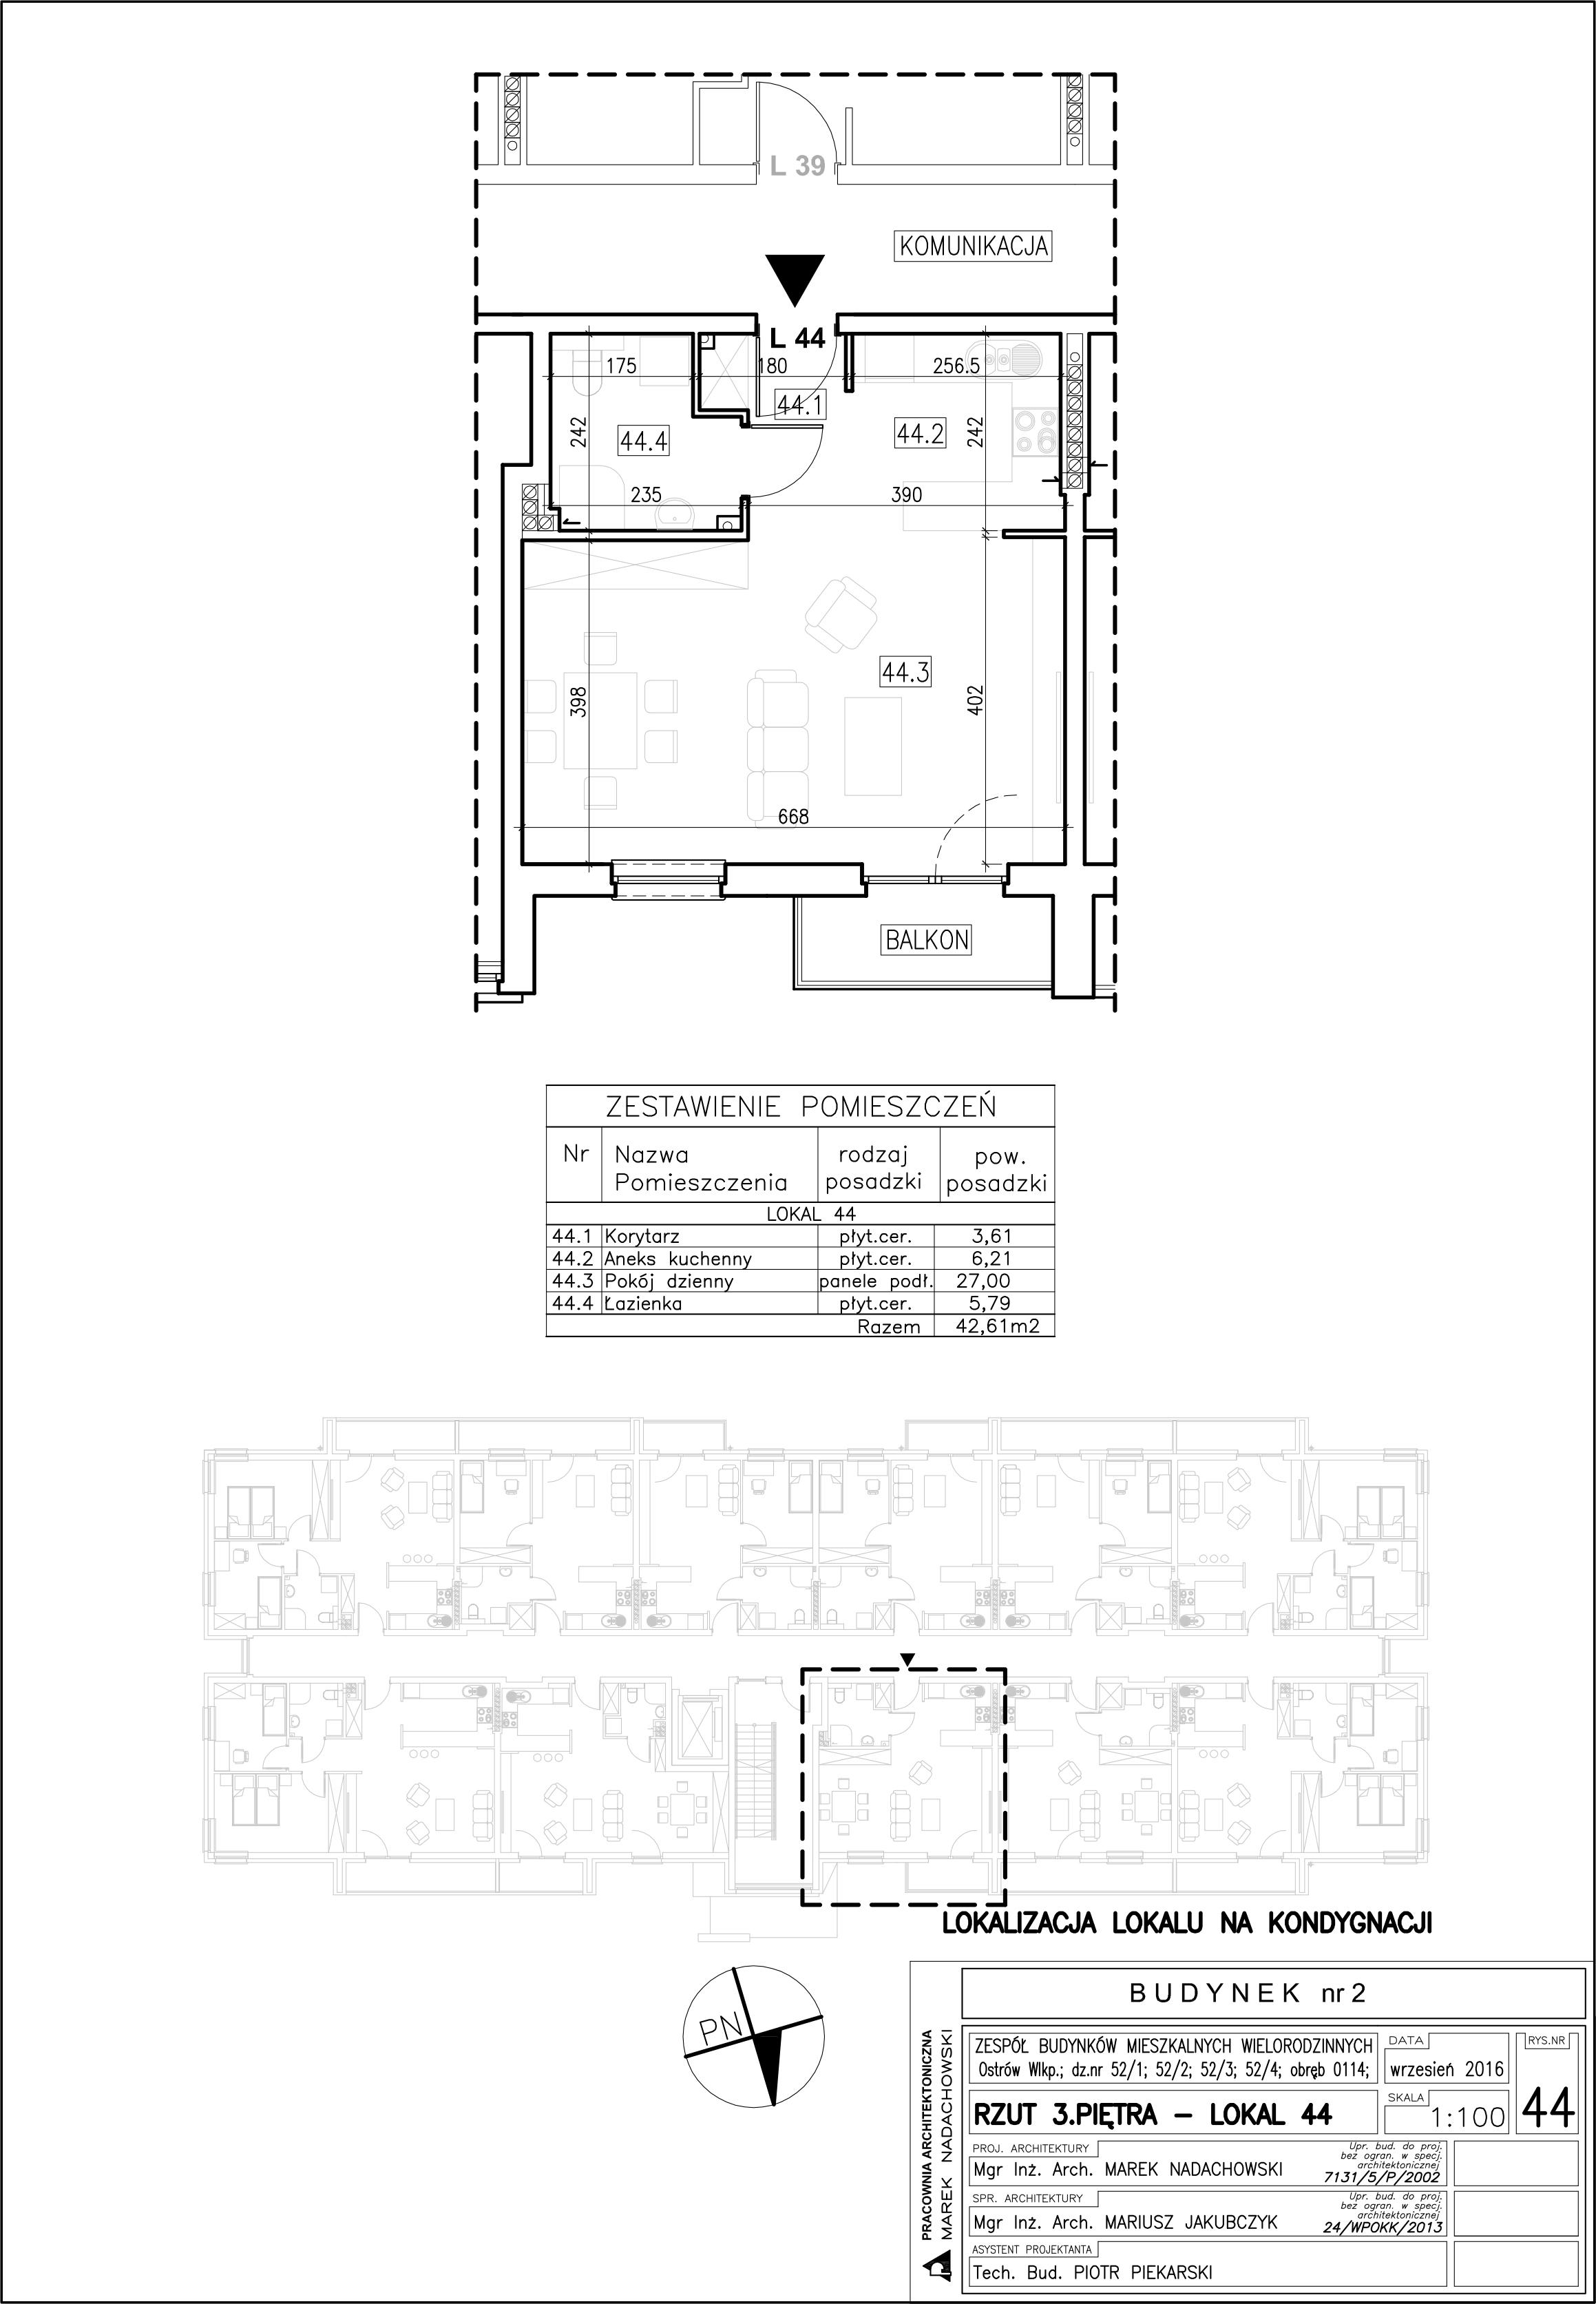 Lokal nr 44 Powierzchnia: 42,61 m2